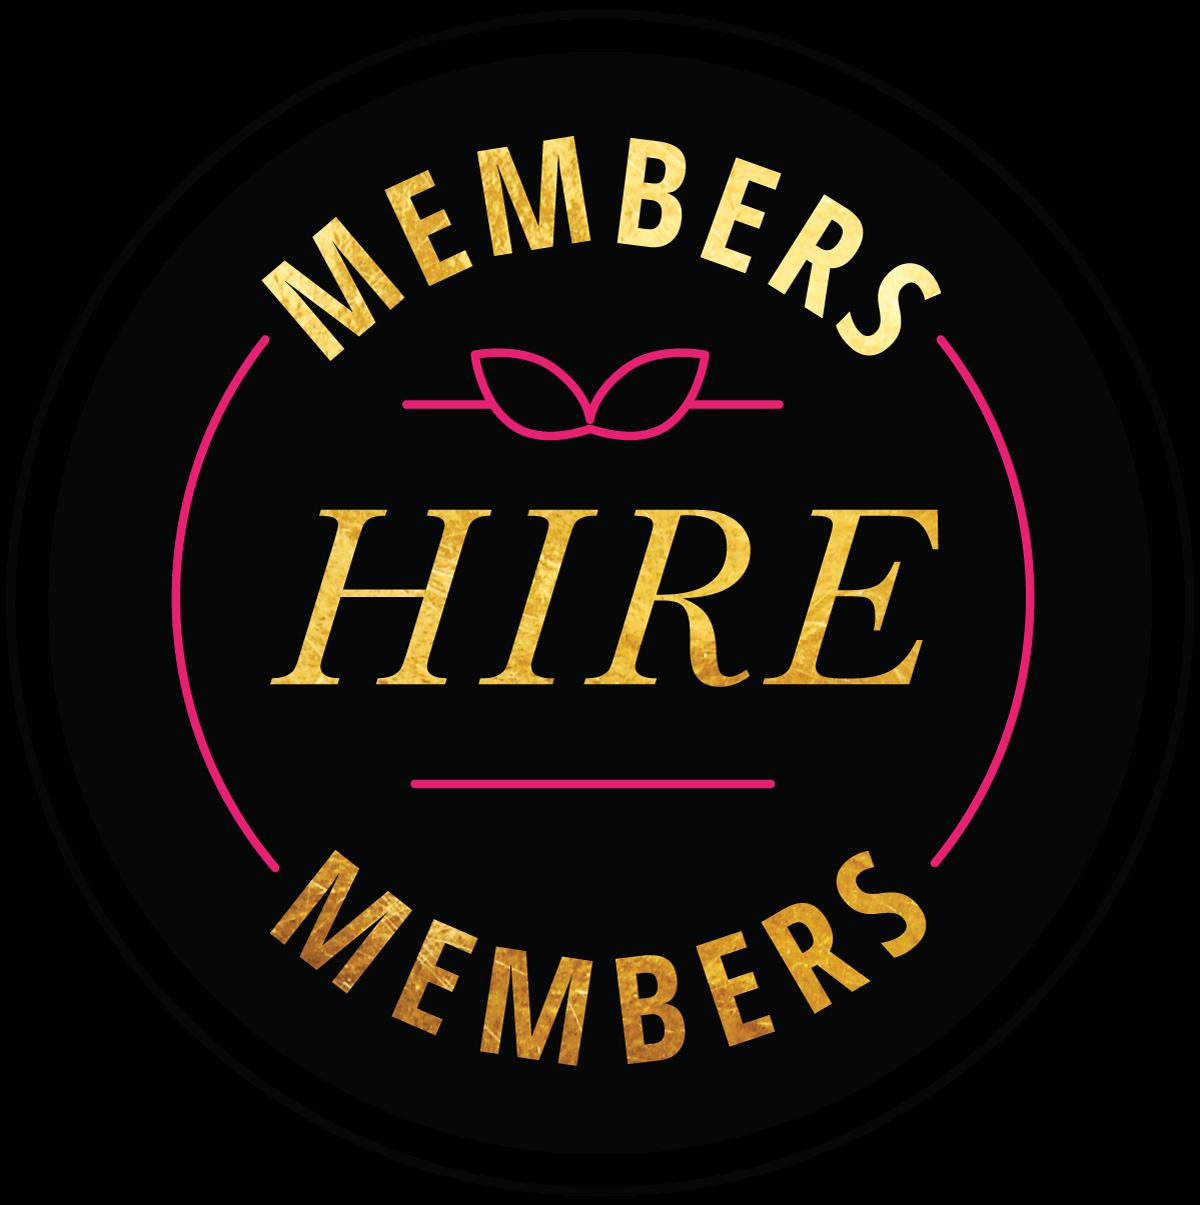 Members-Hire-Members-Badge